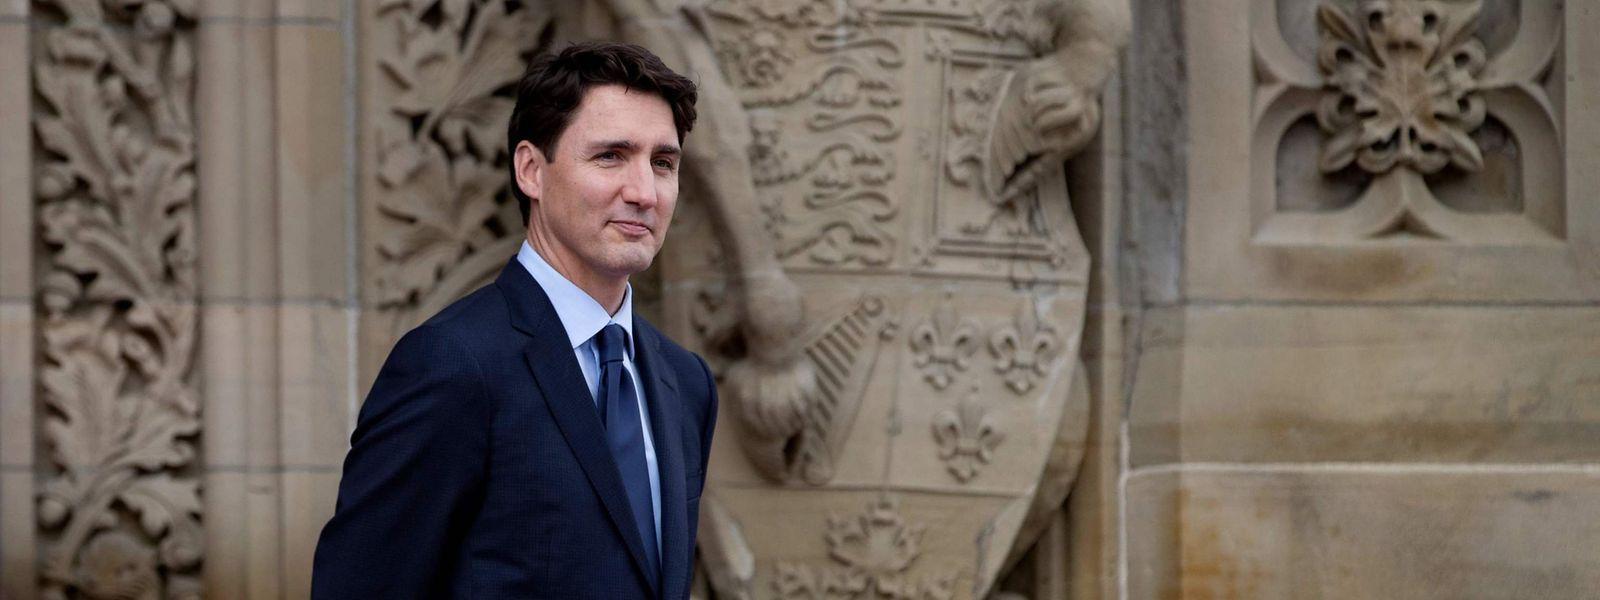 Premierminister Justin Trudeau hat sich stellvertretend für ganz Kanada bei den Juden entschuldigt.